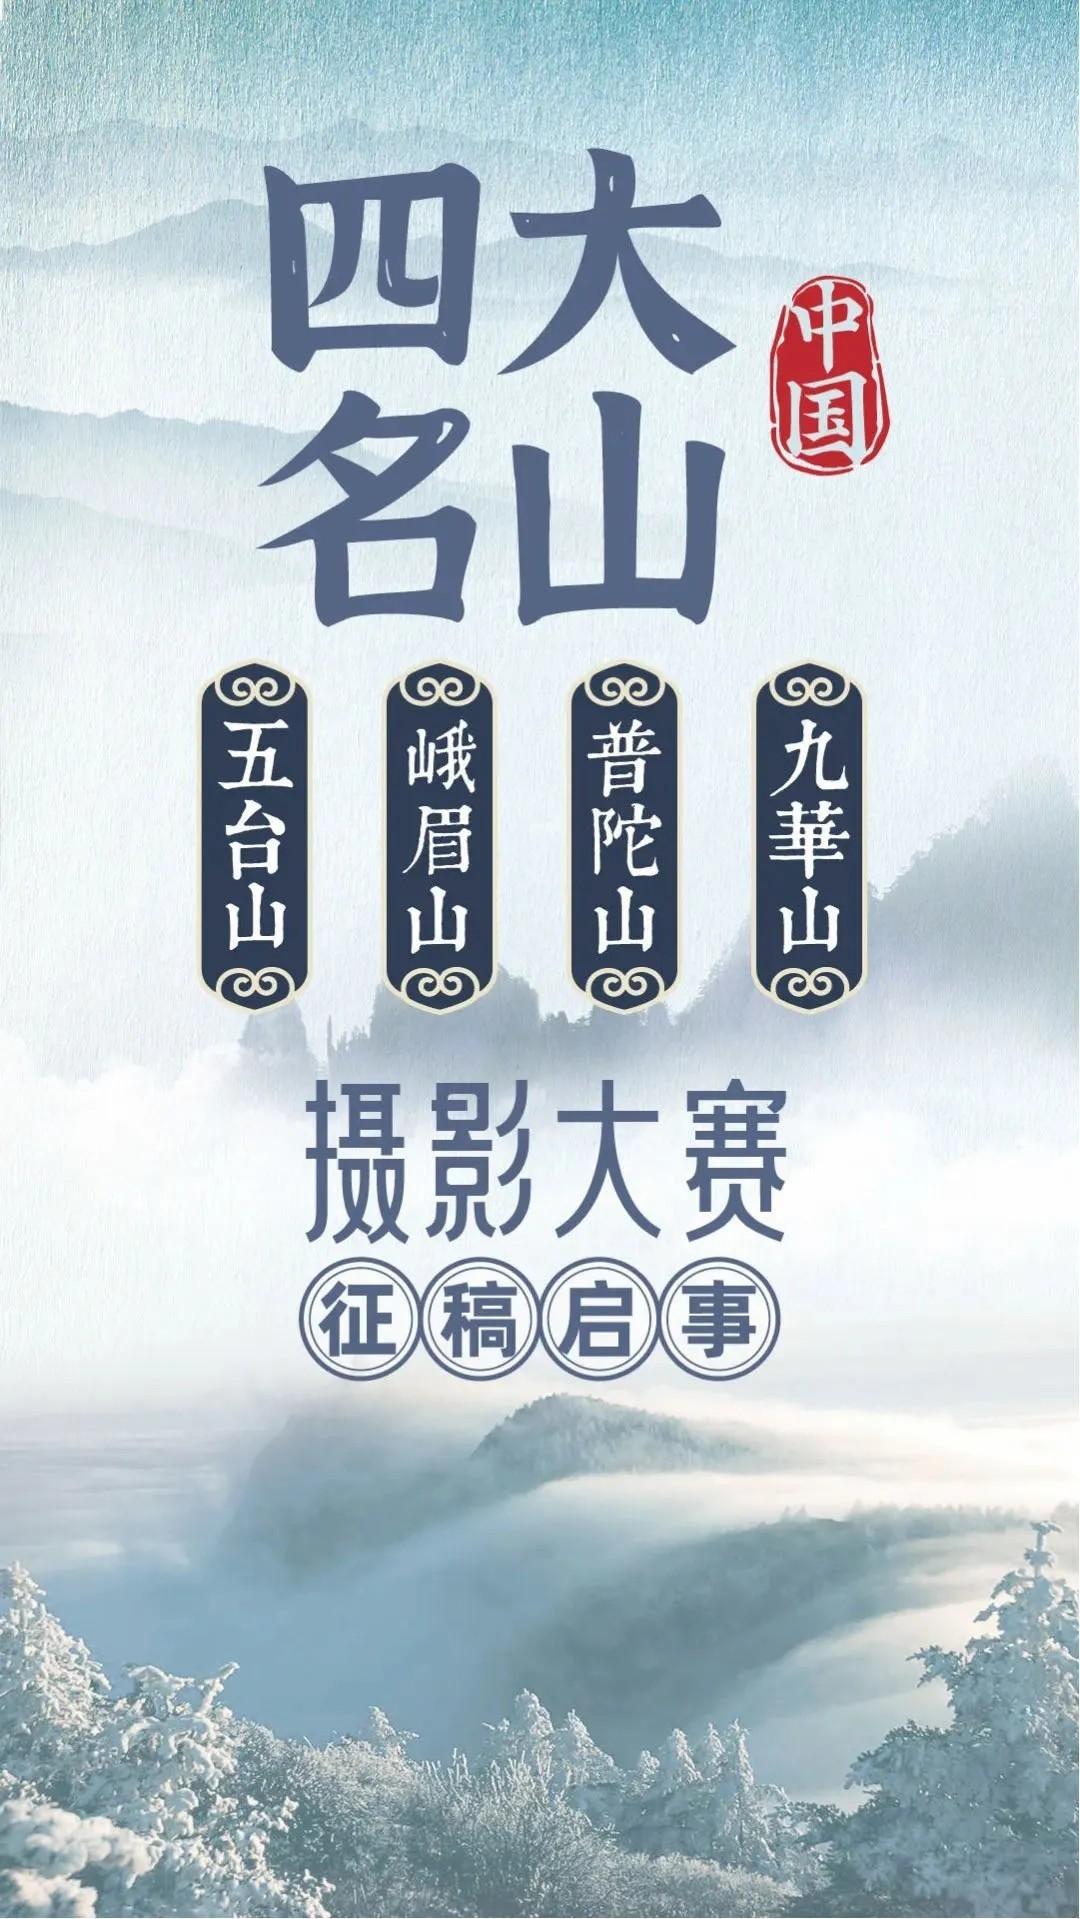 中国民俗摄影协会【中国四大名山摄影大赛】征稿启事